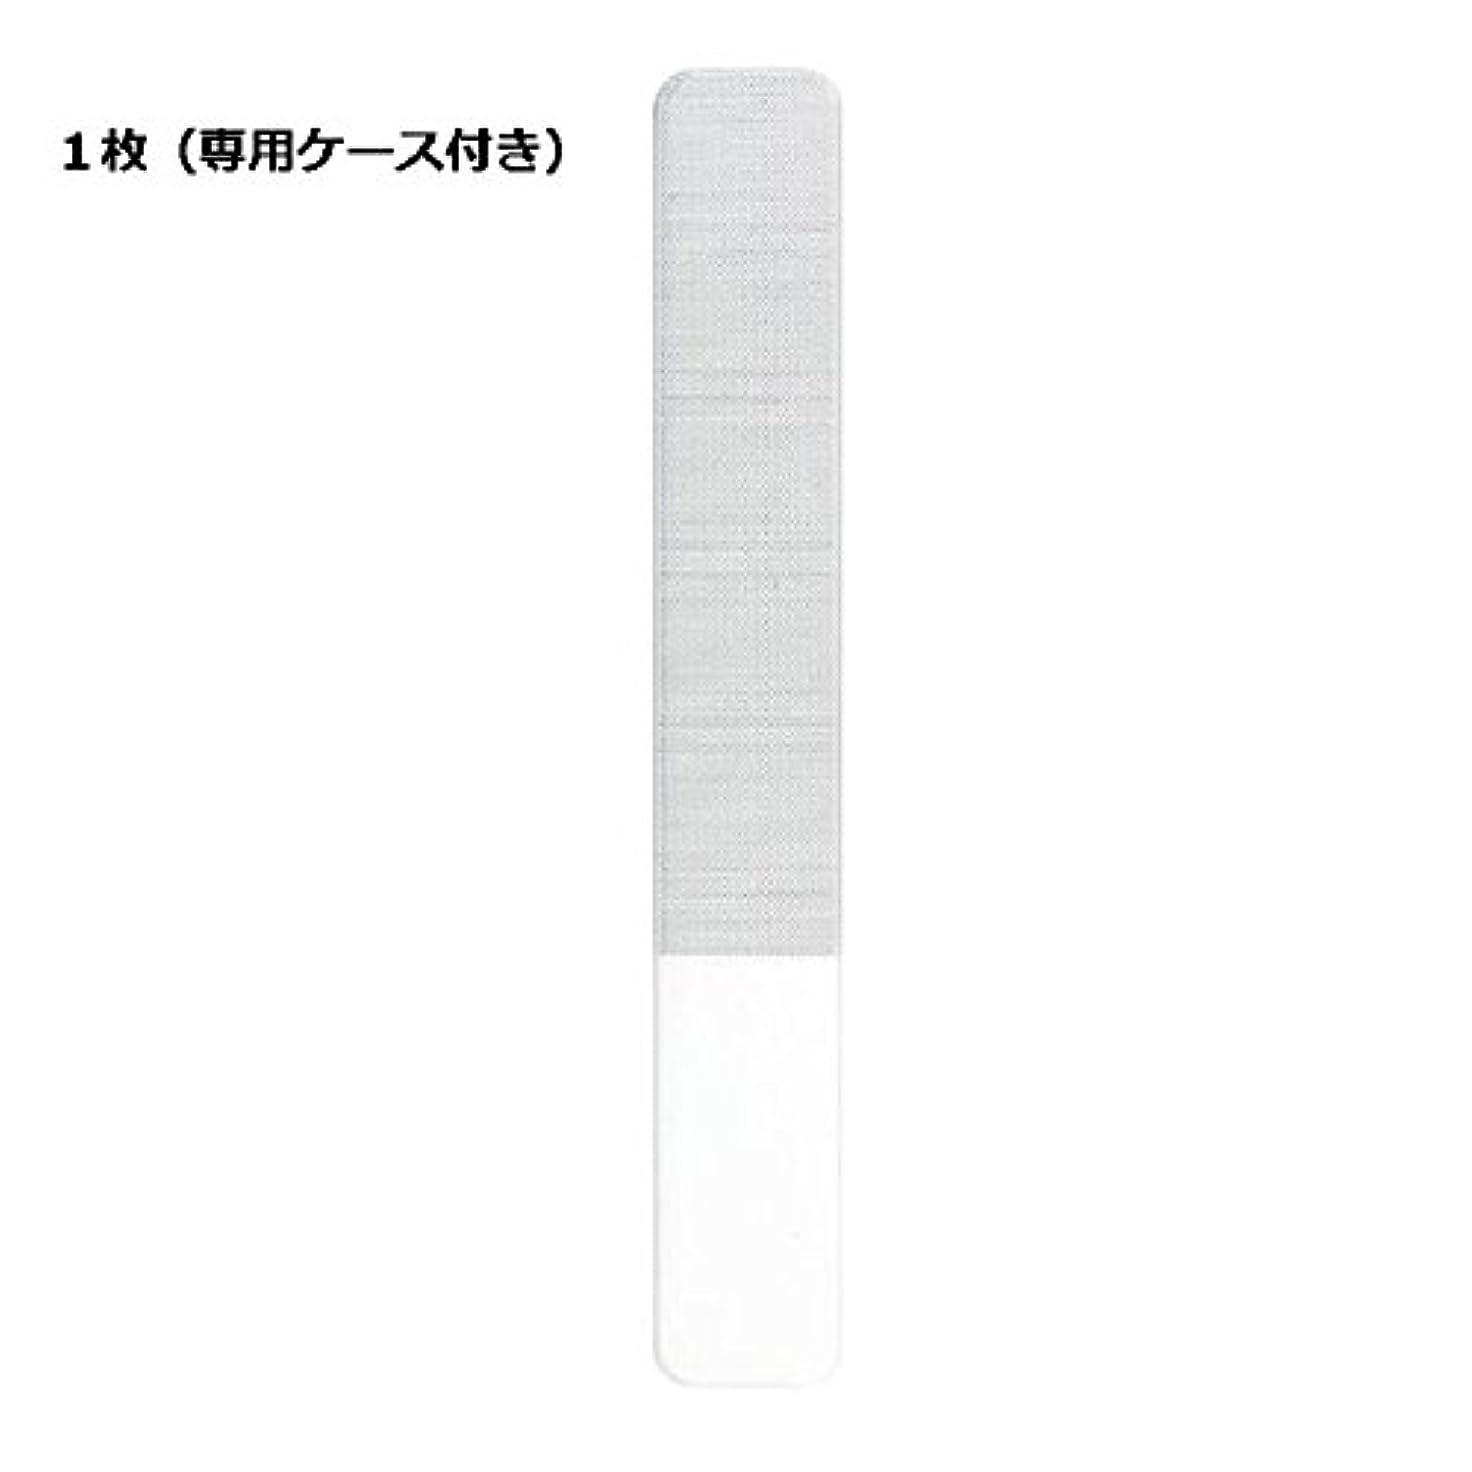 内側内訳倫理Irisomi 爪やすり 爪磨き ガラス爪ヤスリ ネイルファイル ネイルシャイナー つめケア ガラス製 ビューティー ネイルケア 甘皮処理 使いやすい (1個)